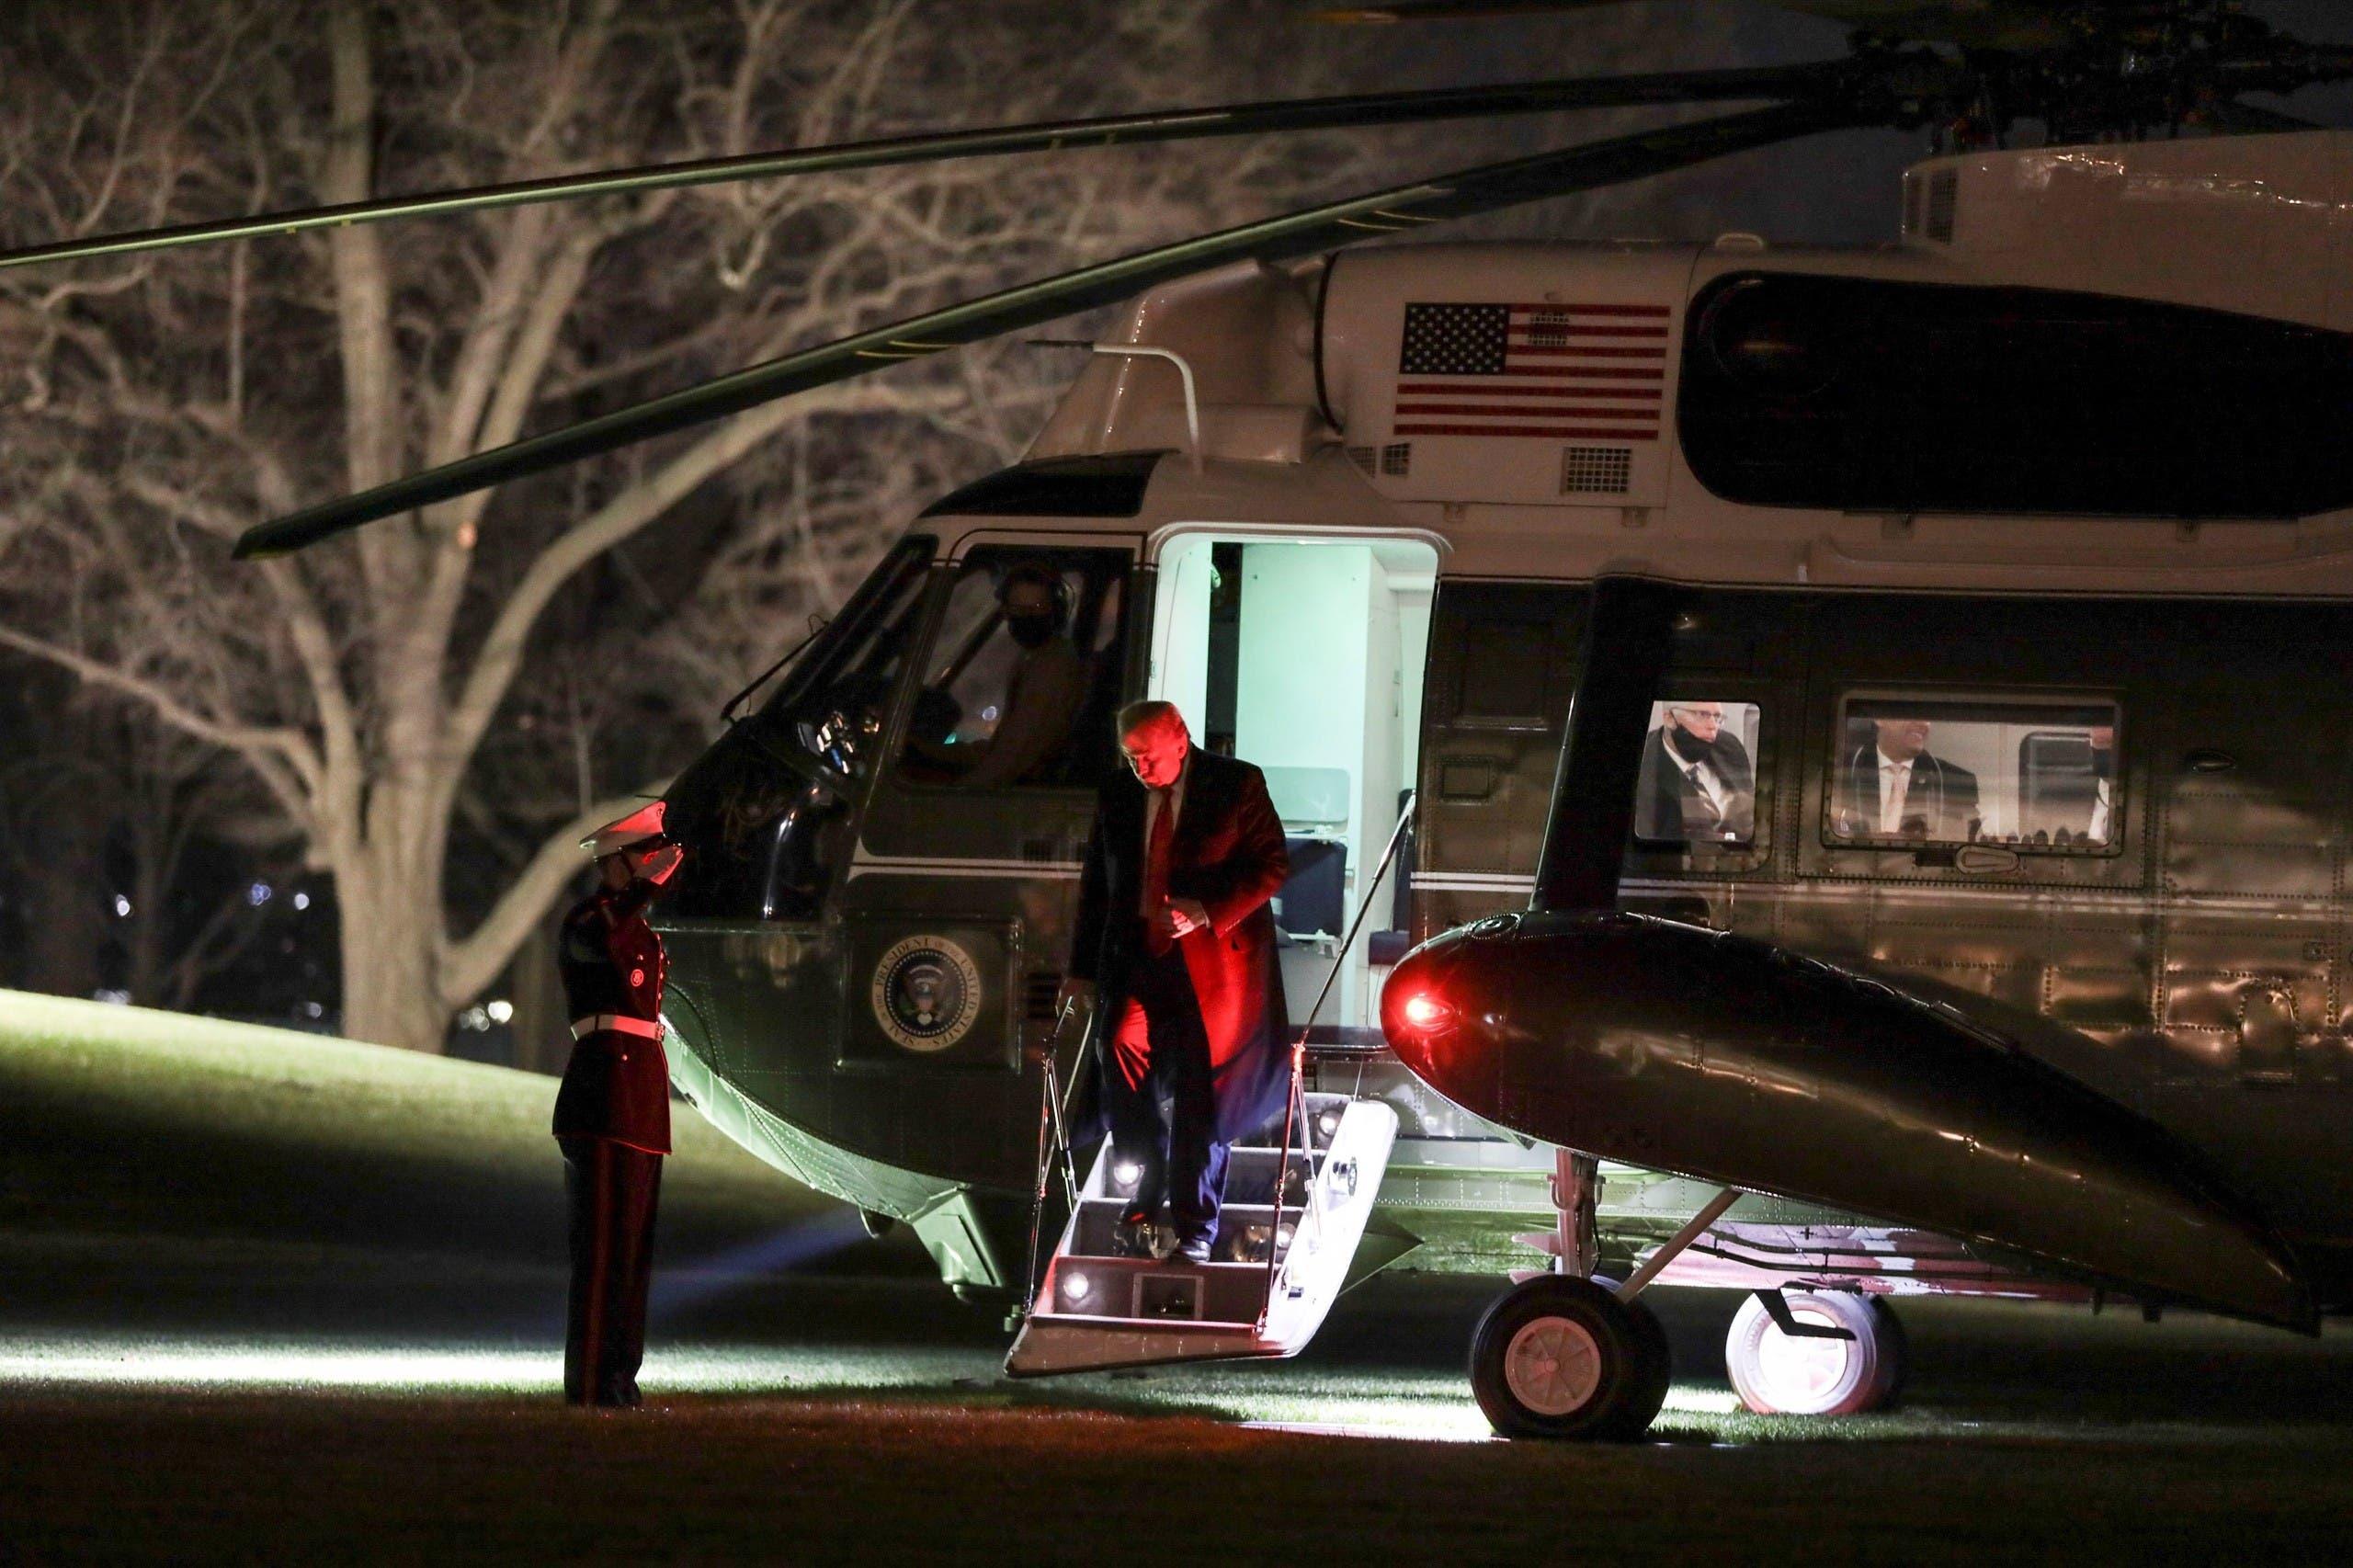 وصول الرئيس ترمب إلى نيويورك